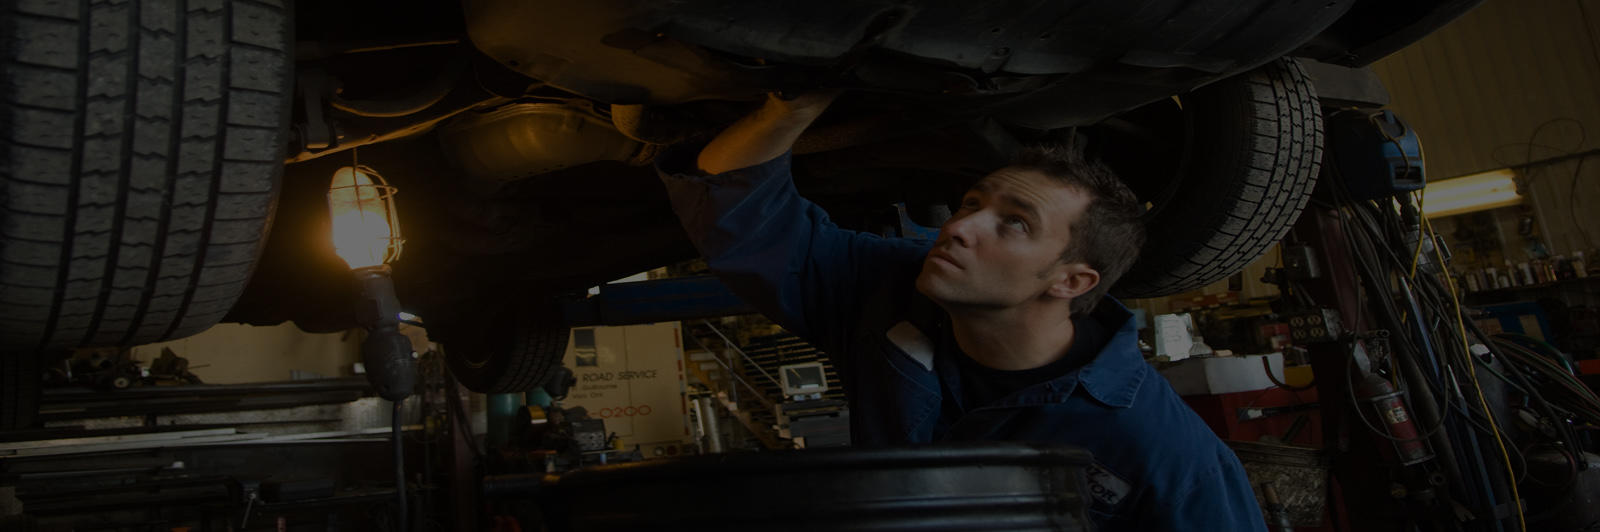 Ewing Auto Repair image 4